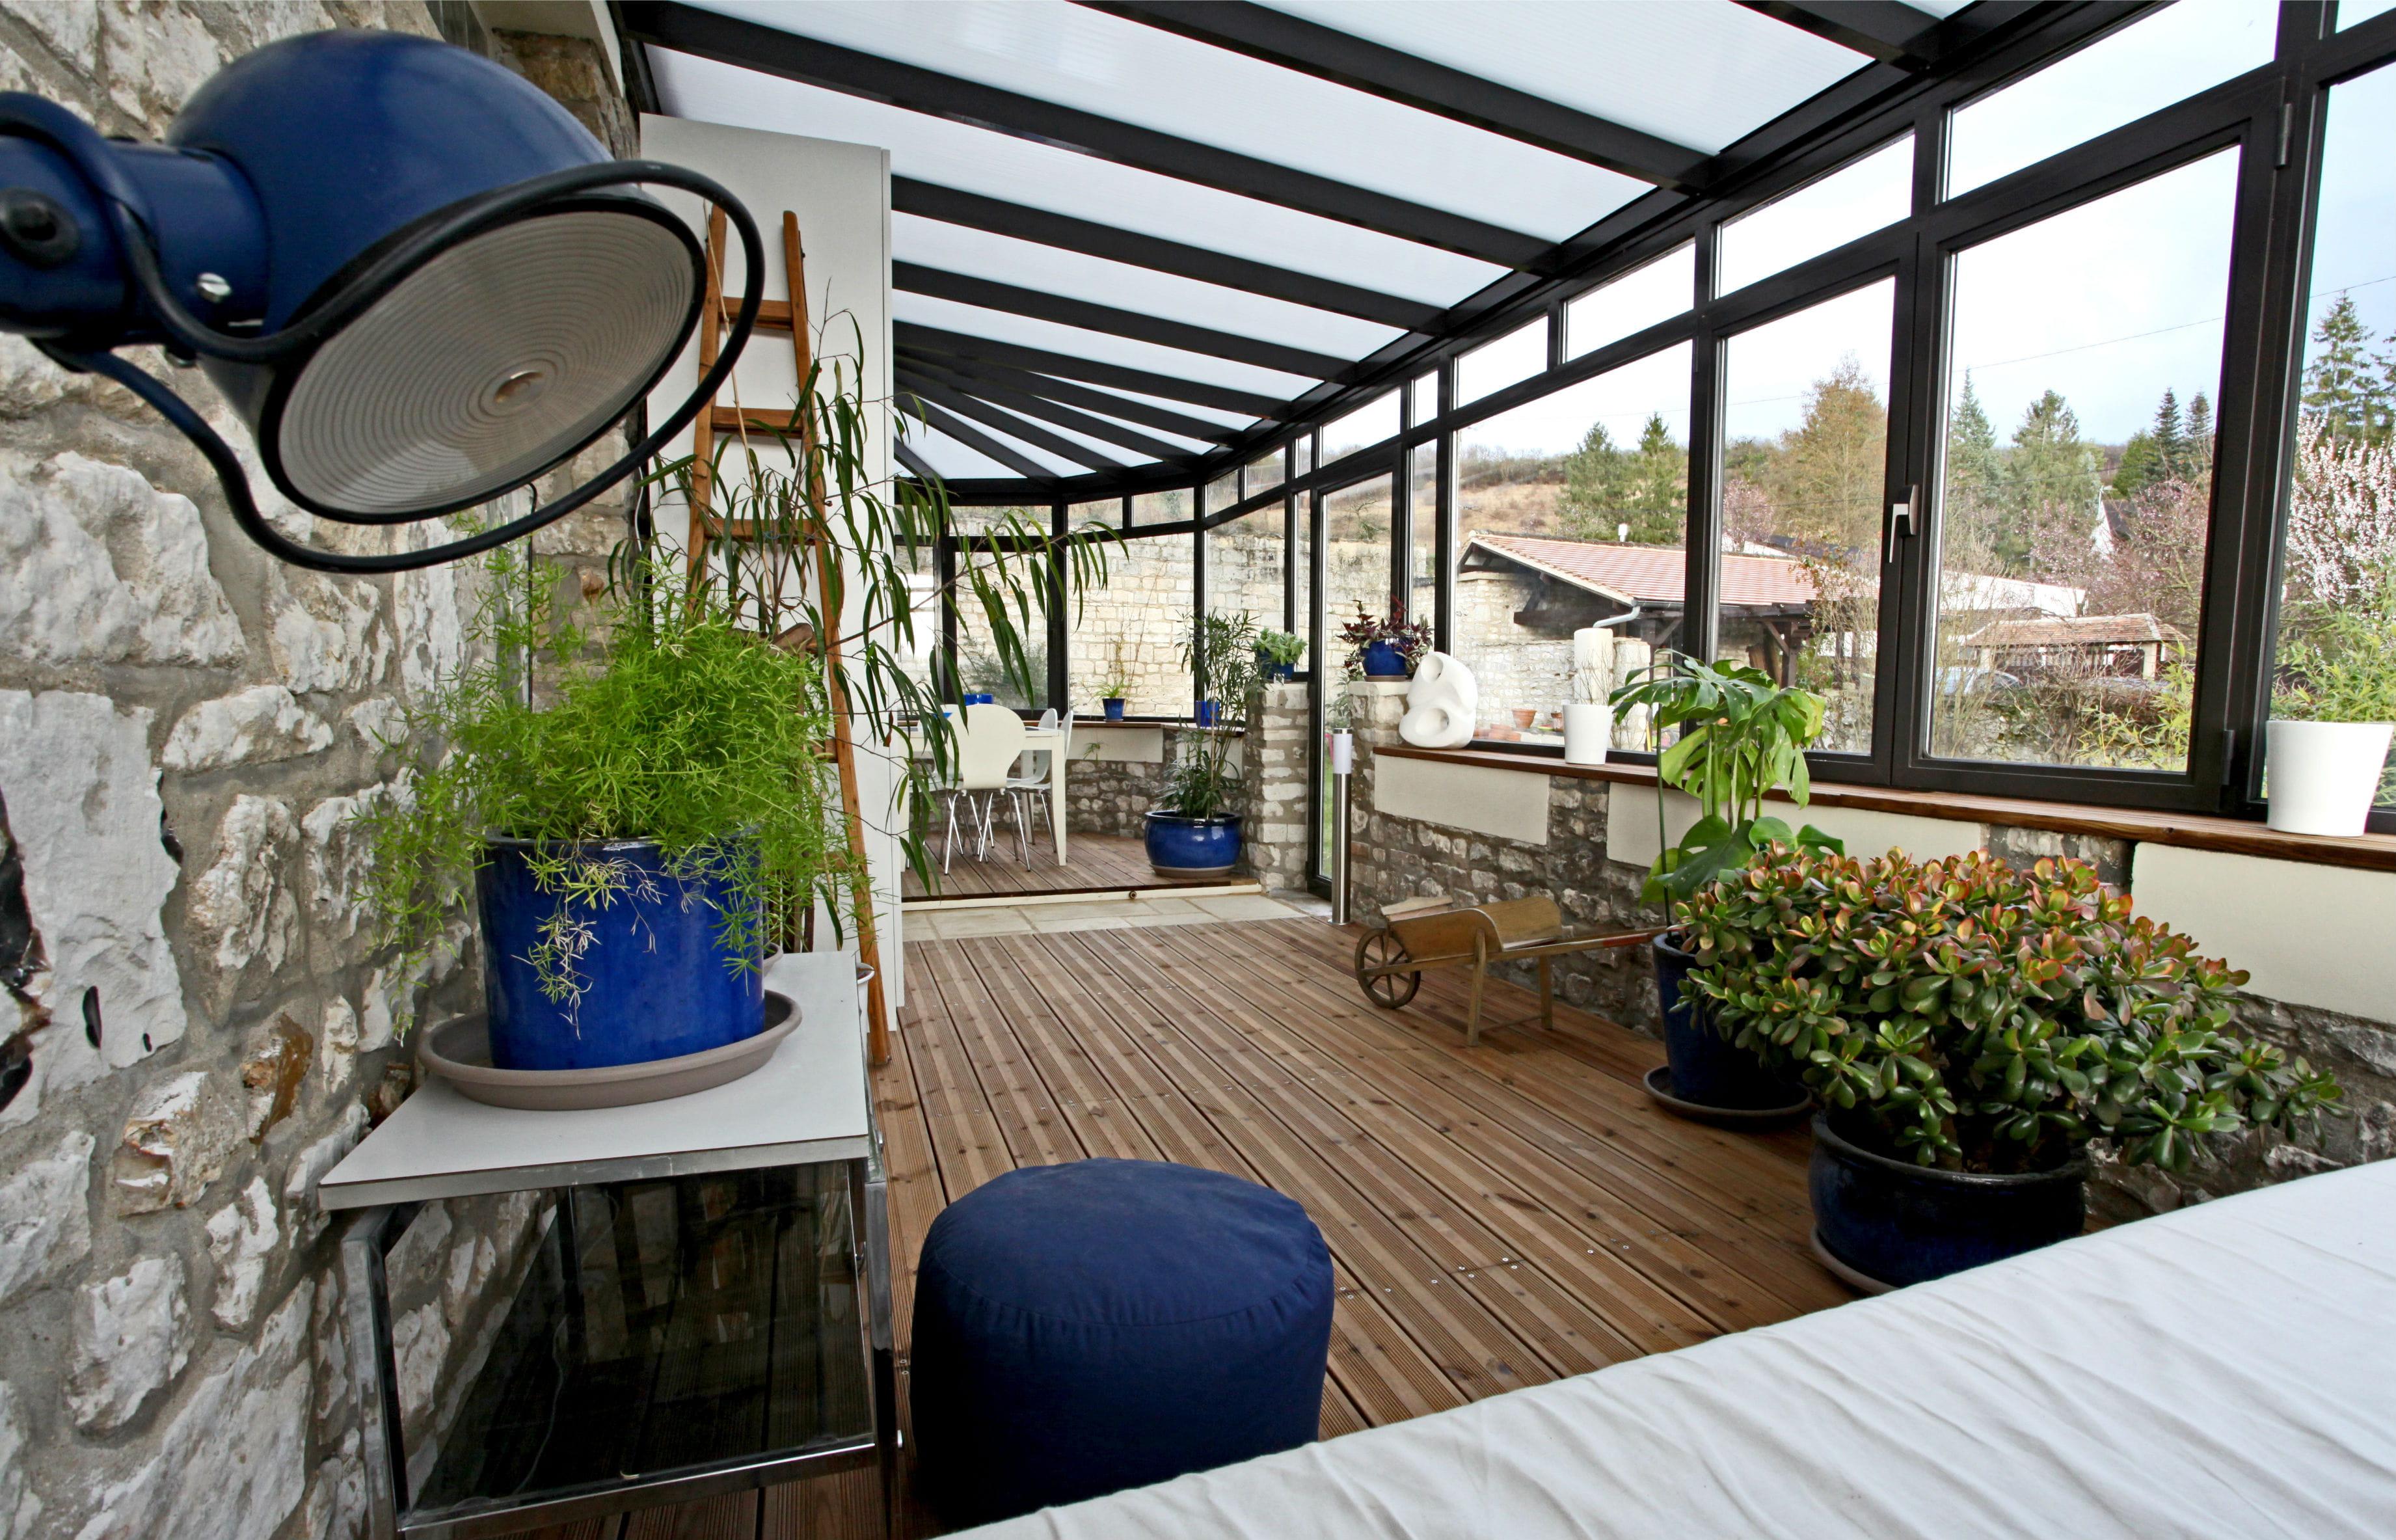 #49611B Une Nouvelle Pièce à Vivre : Des Vérandas Et Jardins D  4959 piece a vivre 50m2 3683x2367 px @ aertt.com